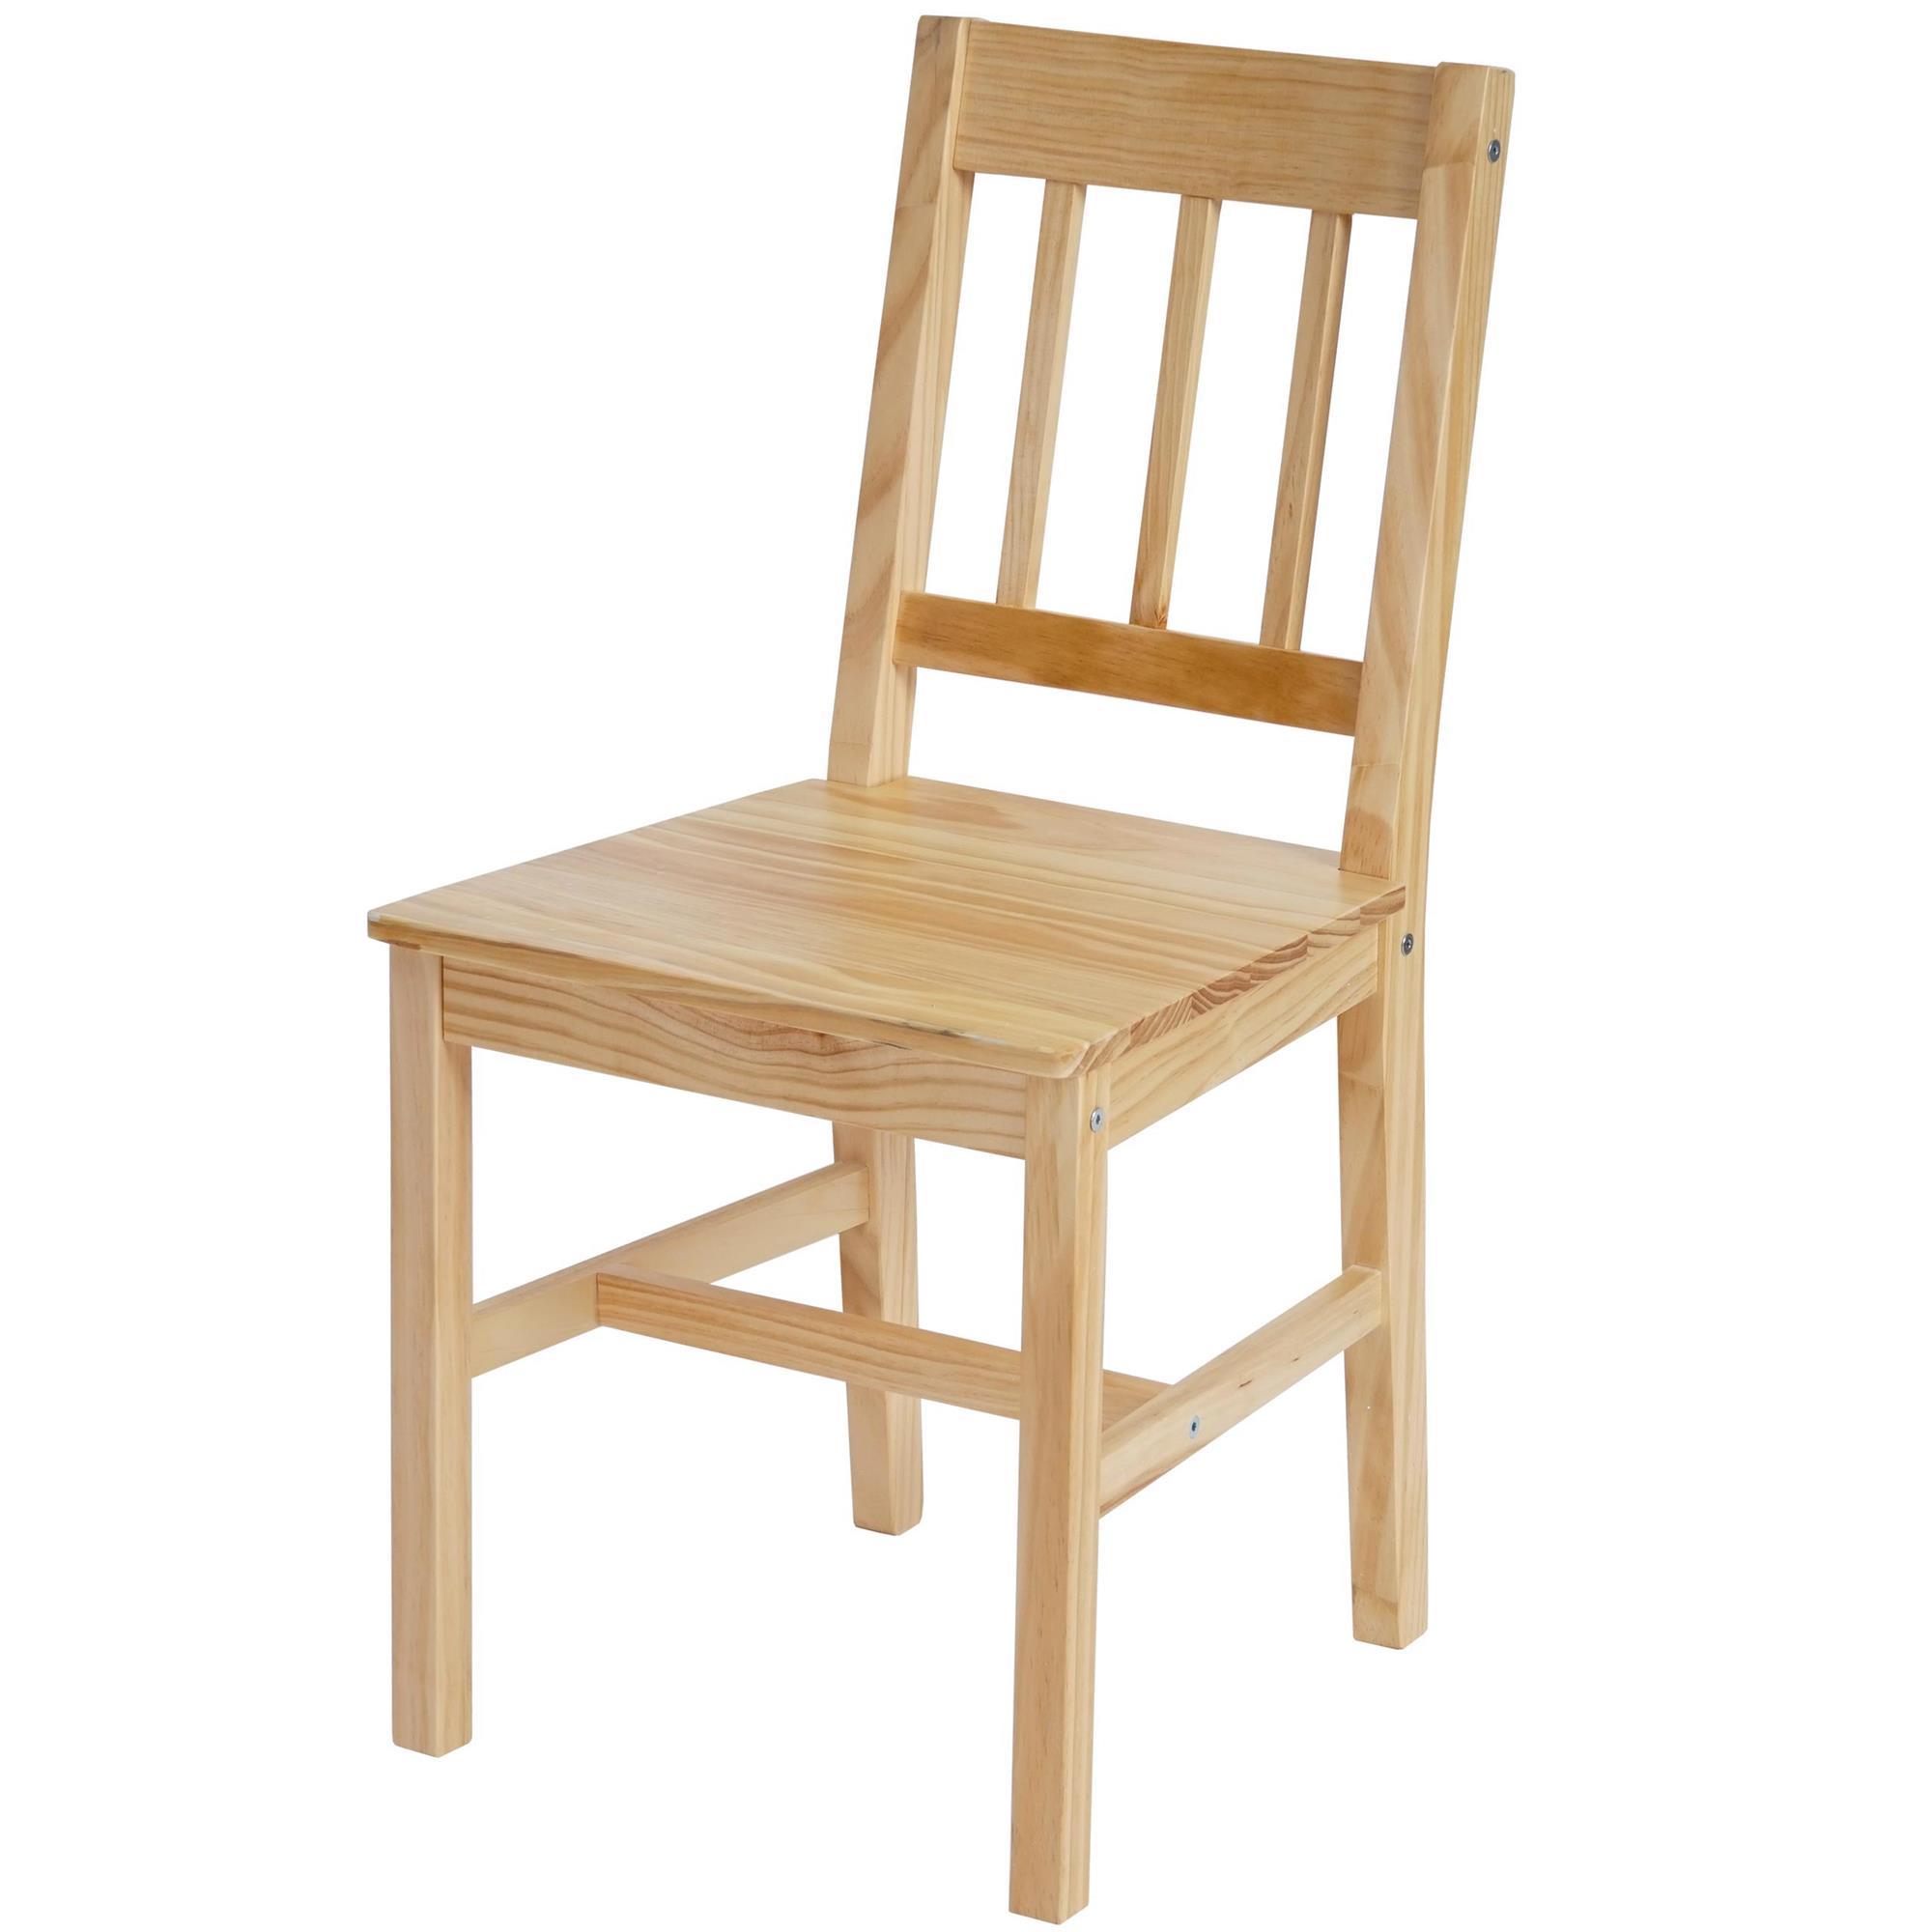 Lote 4 sillas de cocina o comedor nerja en marr n haya for Sillas de madera comodas